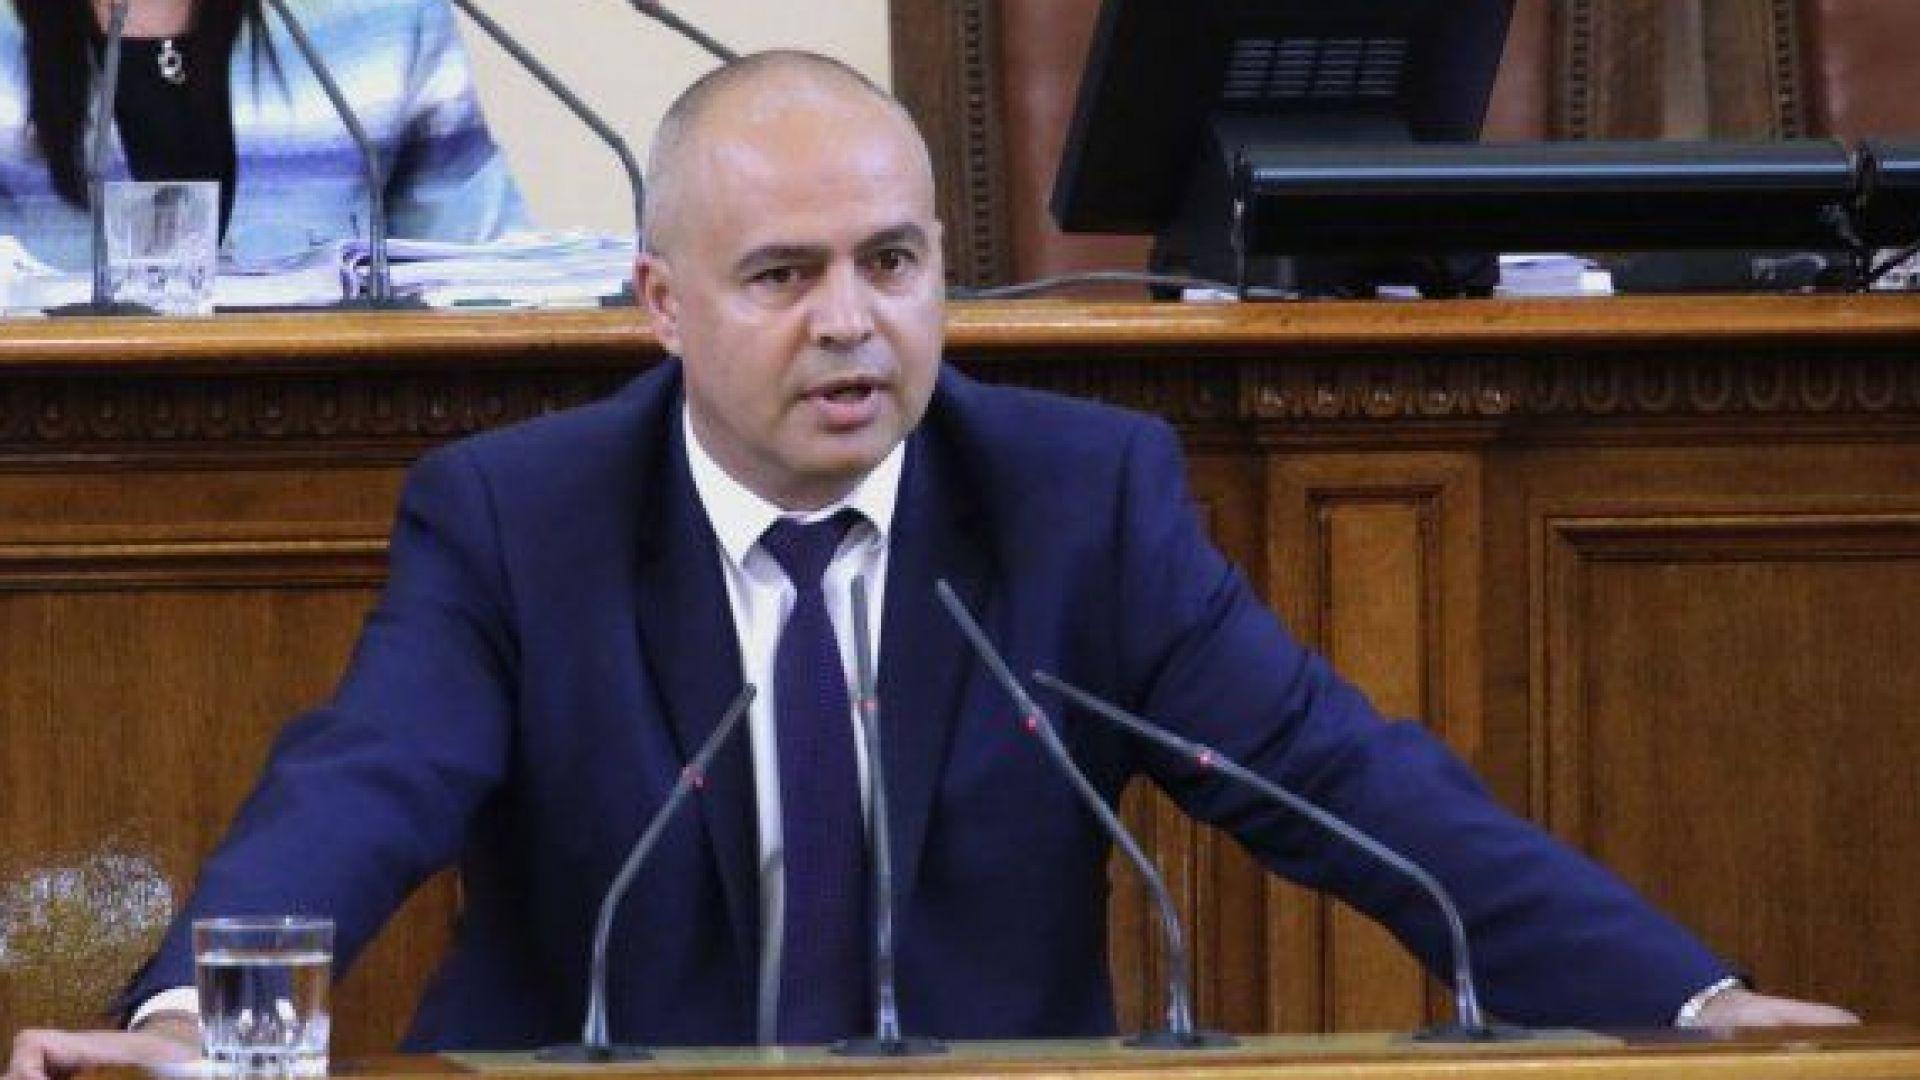 Георги Свиленски: Действията на Борисов показват неспособността му да управлява